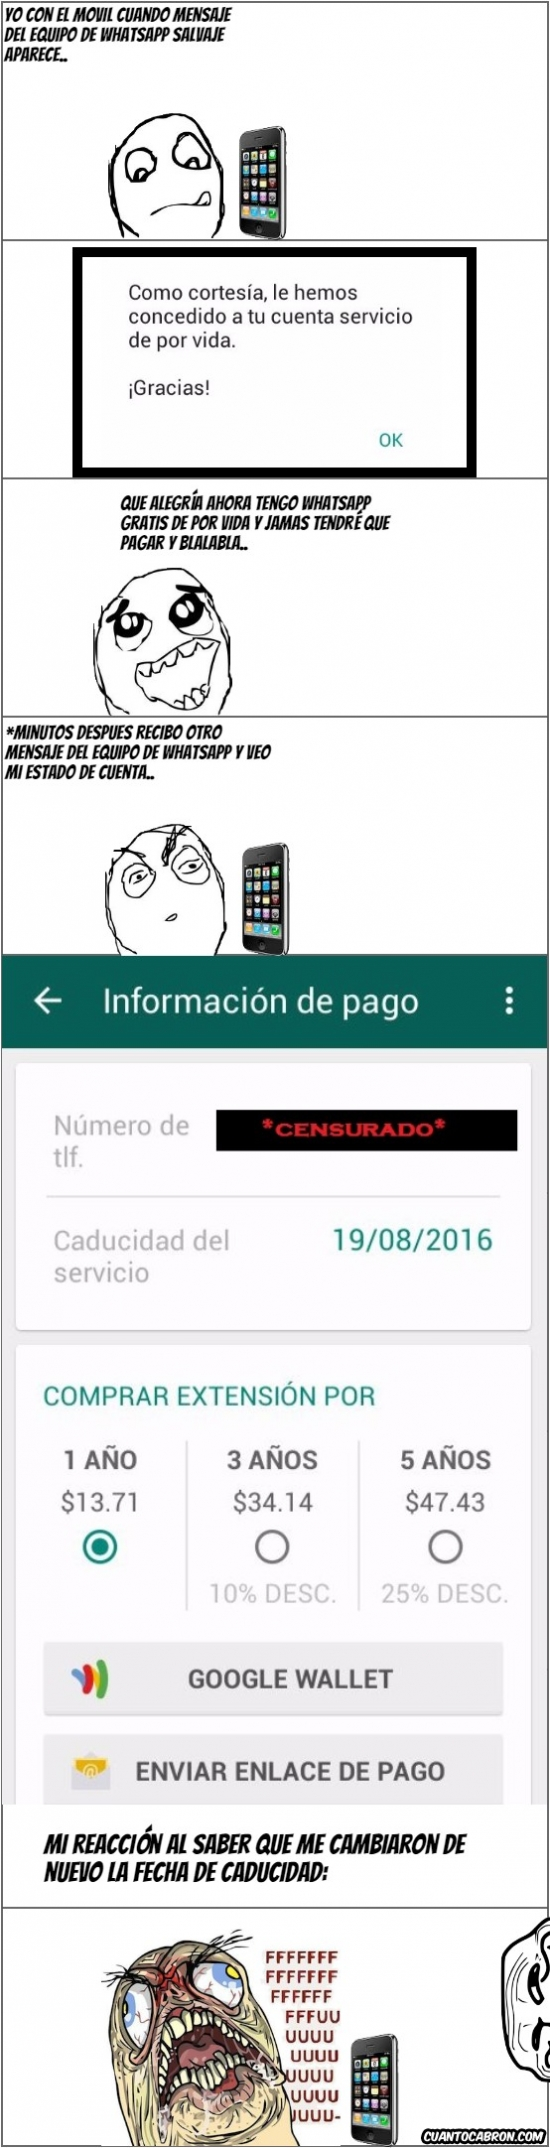 Ffffuuuuuuuuuu - El equipo de Whatsapp trolleando a la gente